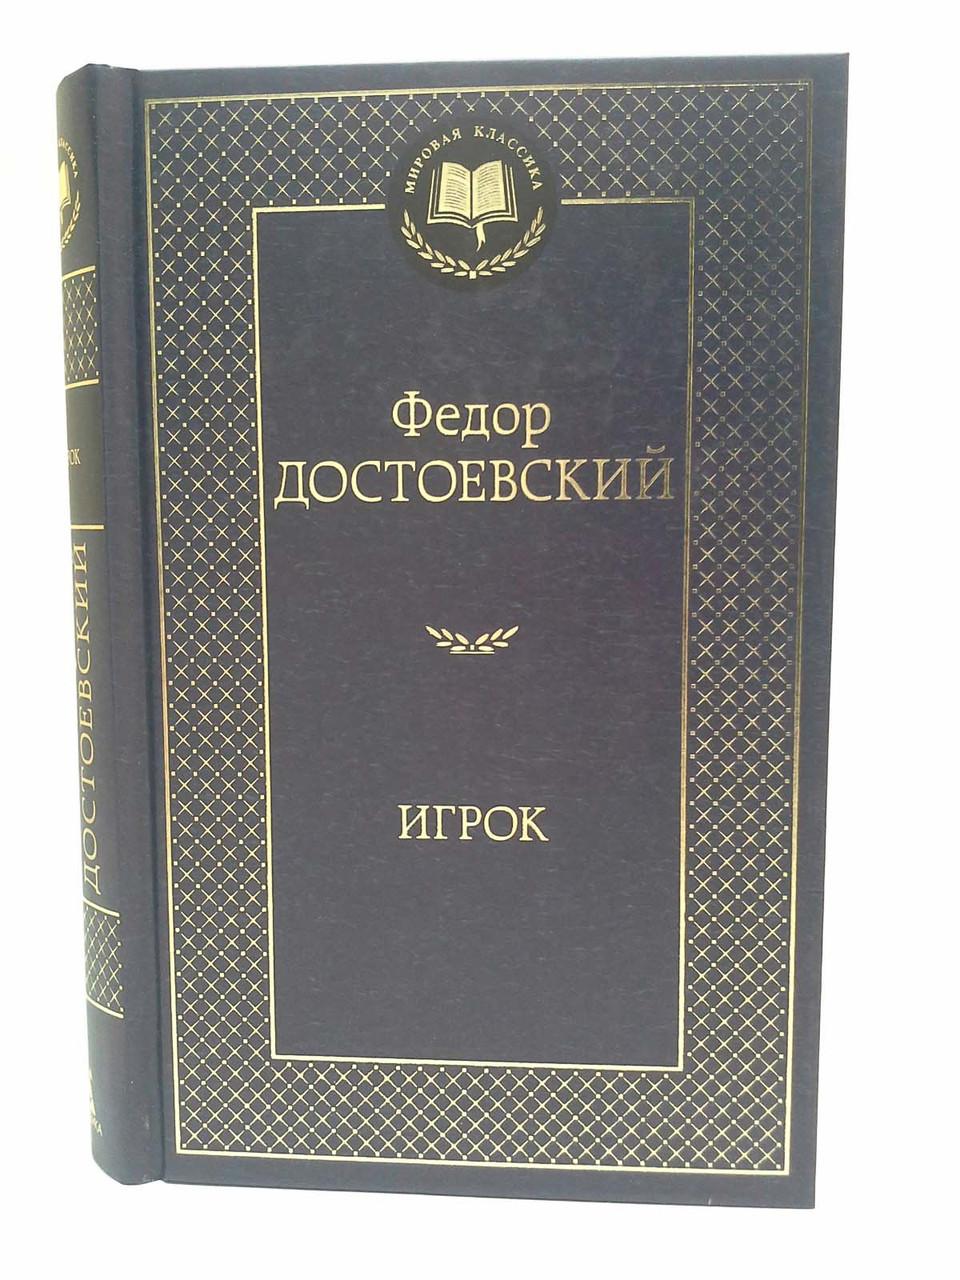 Азбука МирКлас Достоєвський Гравець